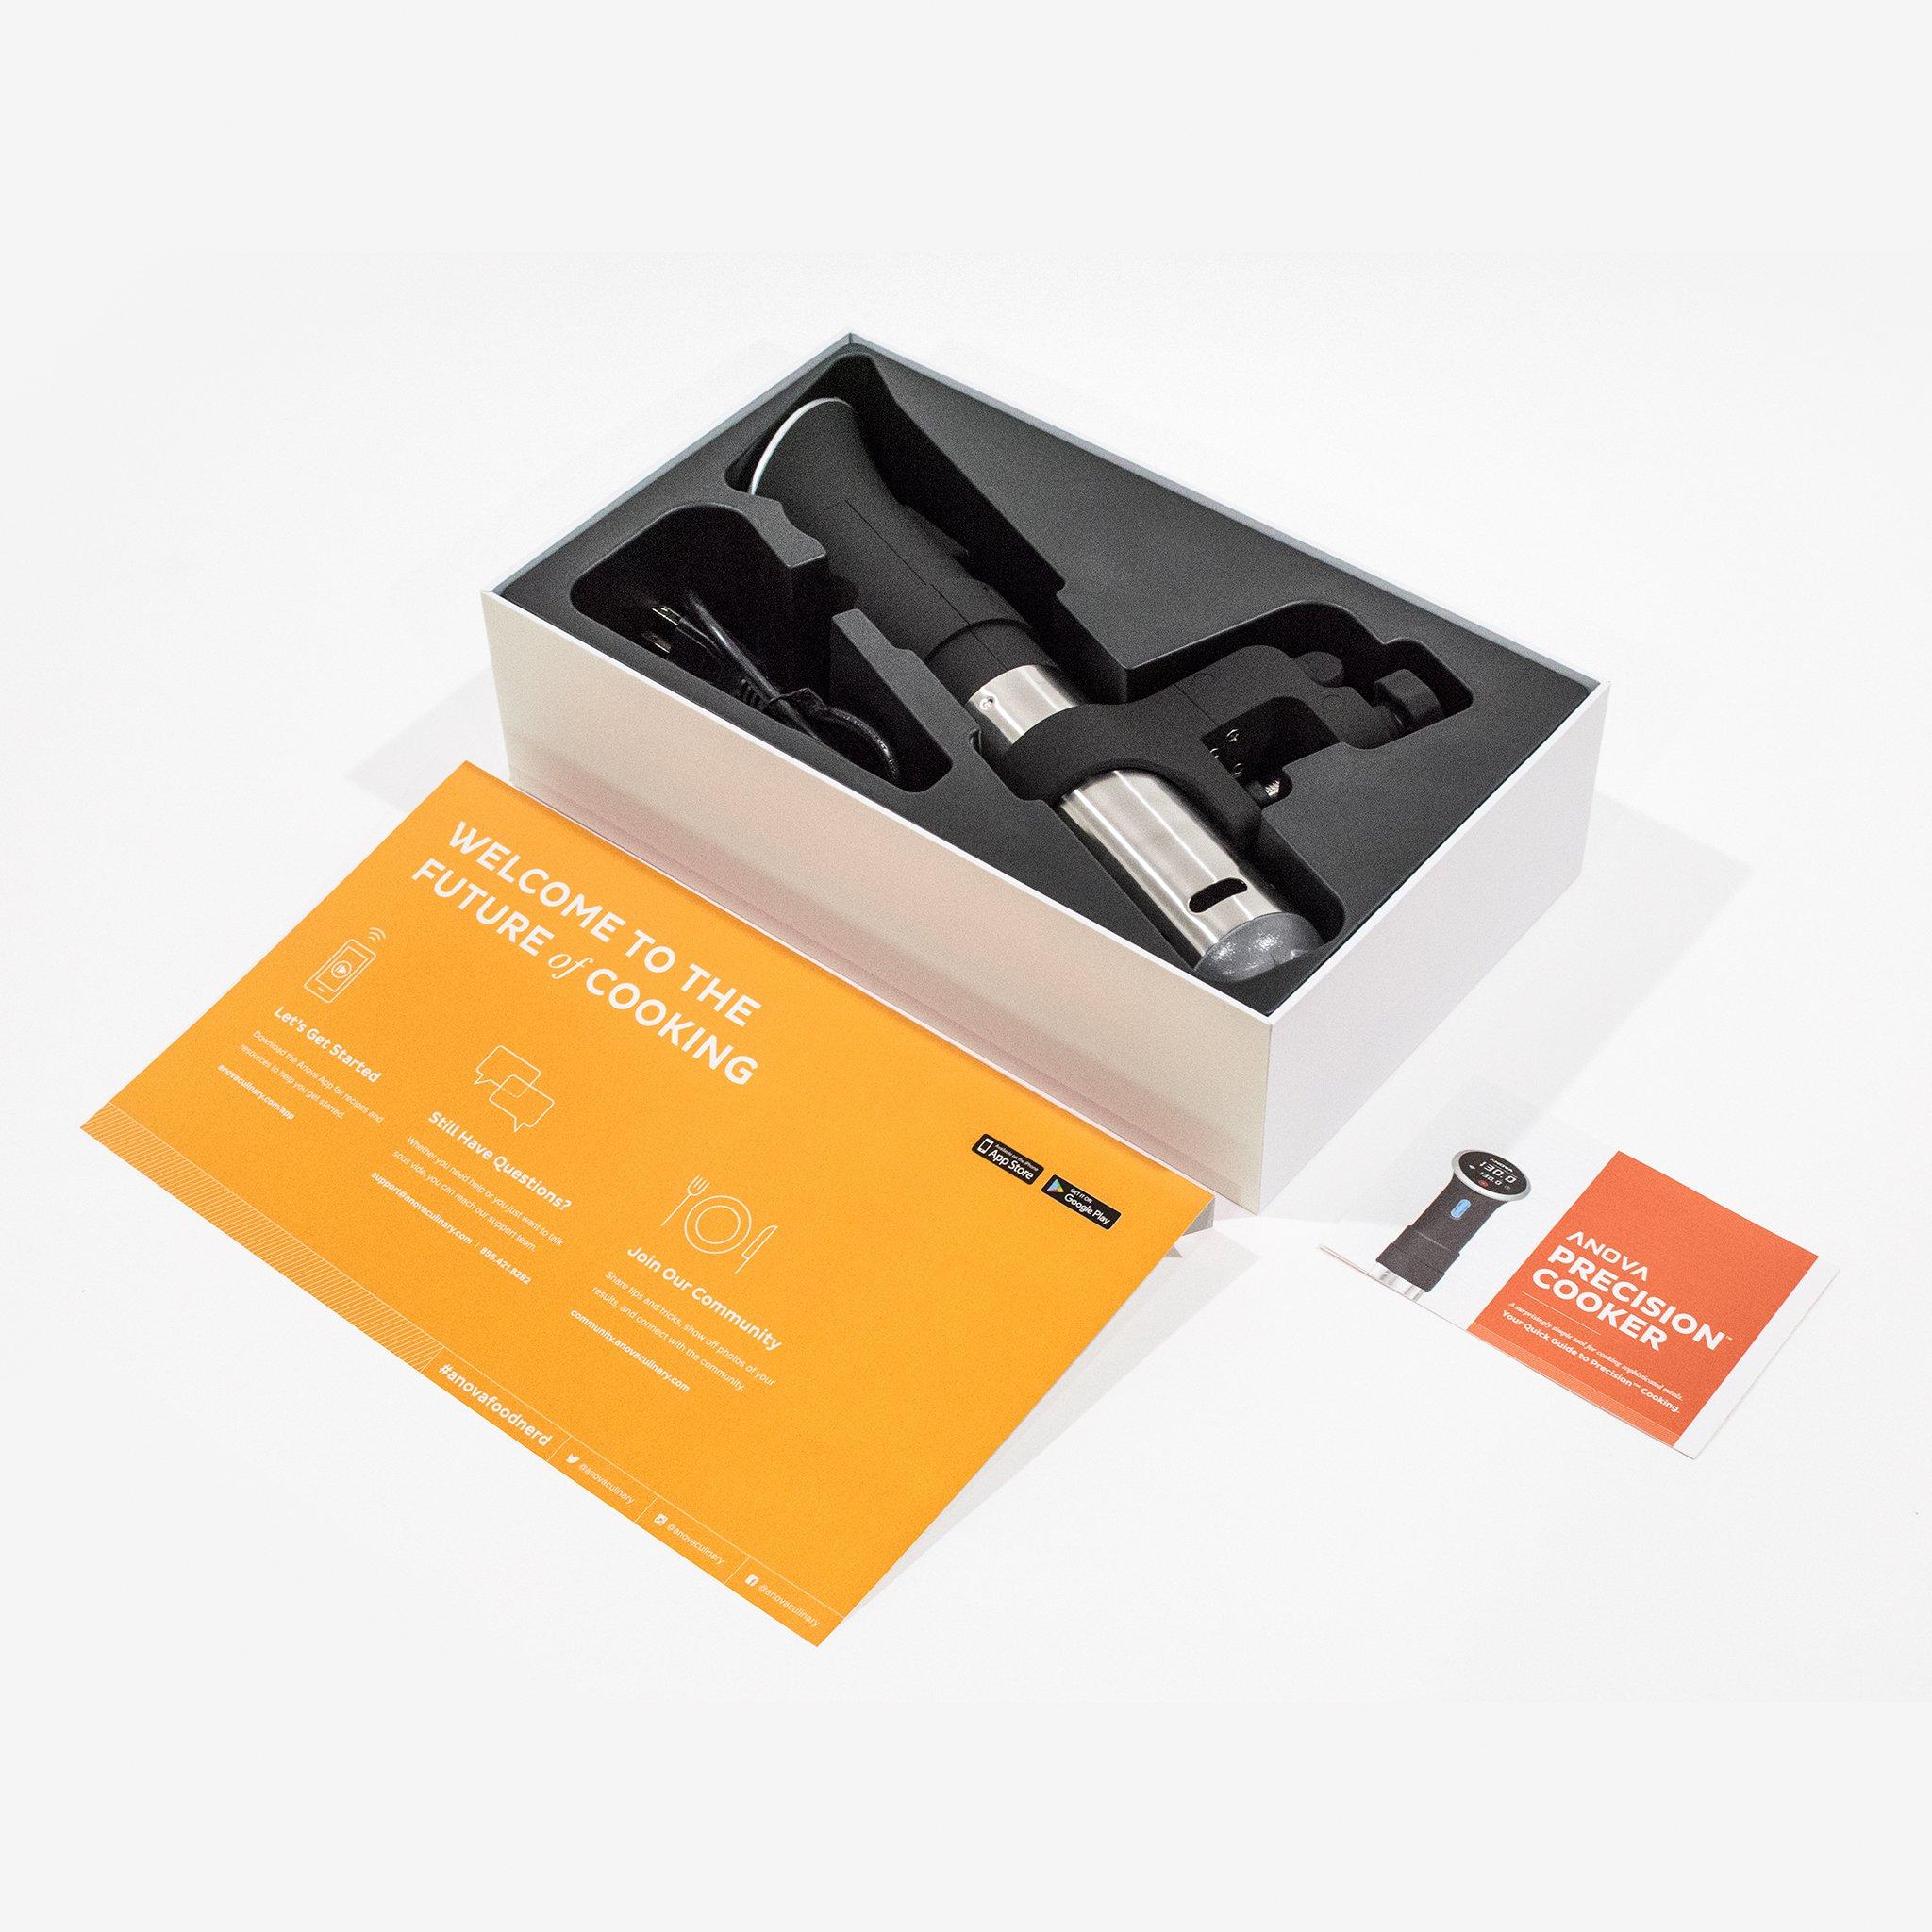 Anova Culinary Sous Vide Precision Cooker | Bluetooth | 800W (descontinuado)